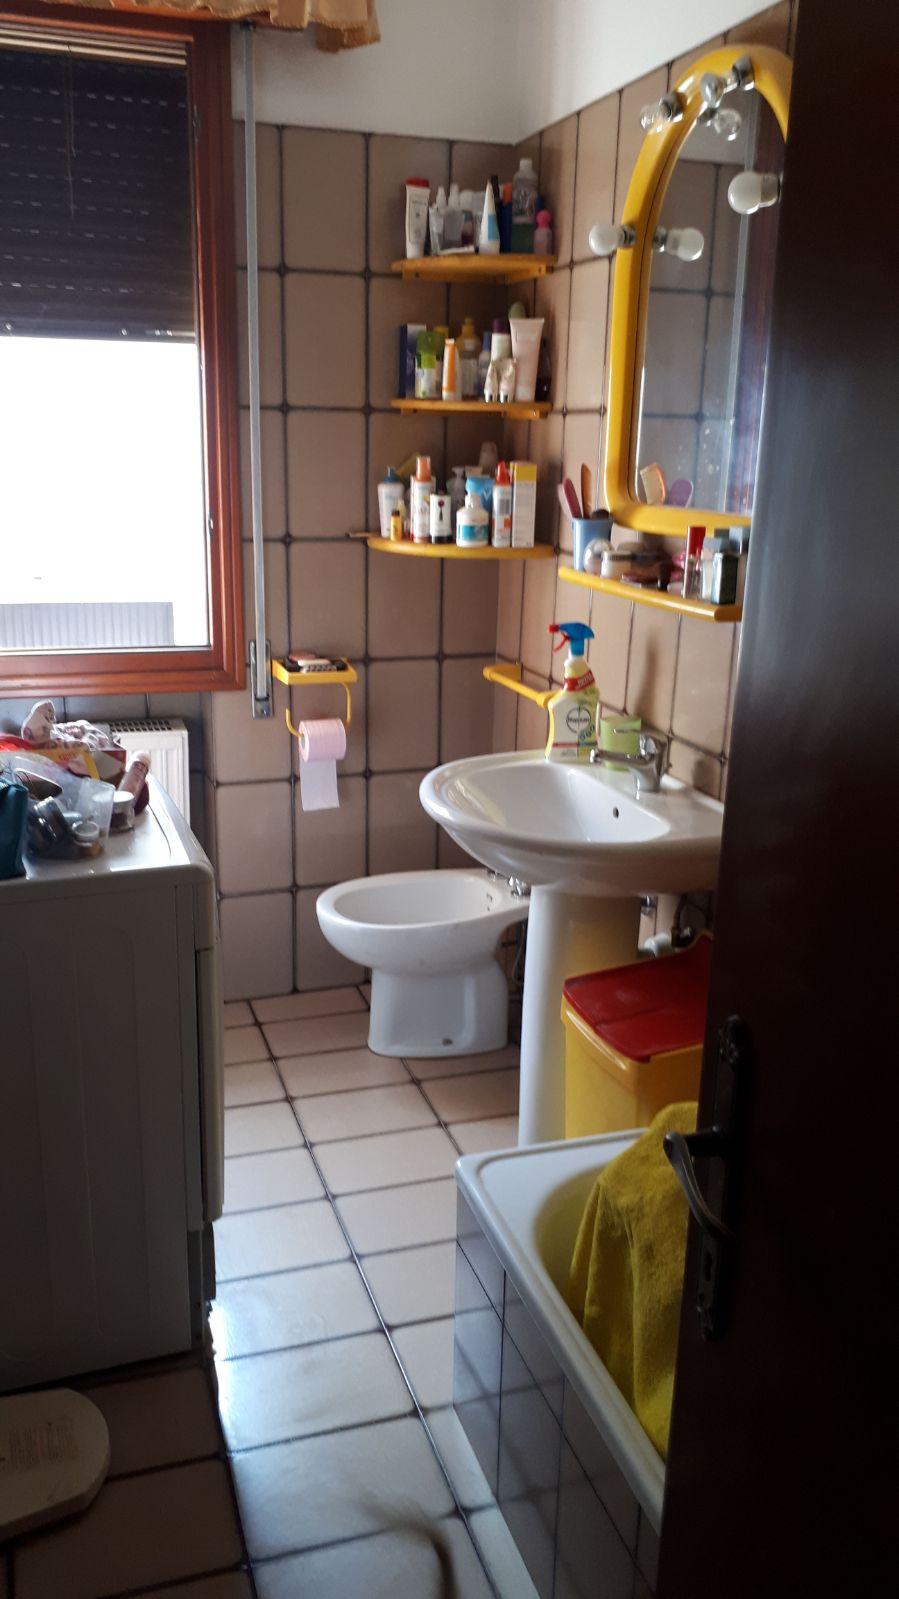 bagno piastrellato pieno di detersivi